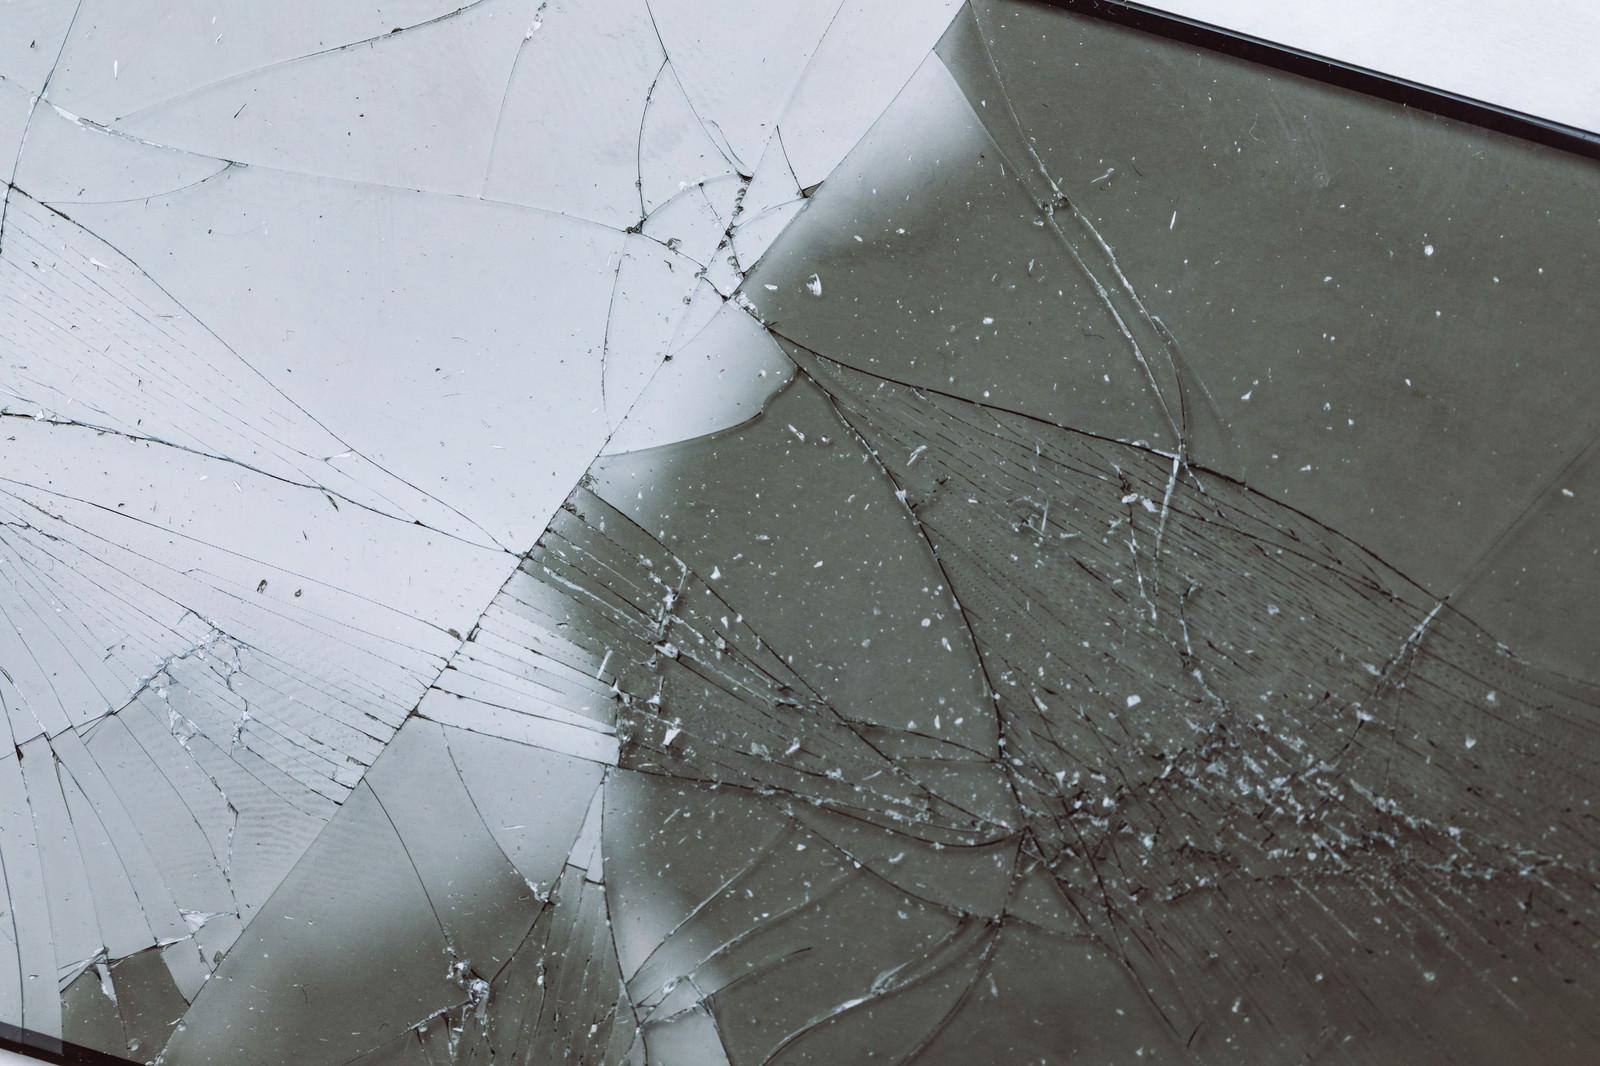 「ヒビ割れした透明な液晶フィルム」の写真